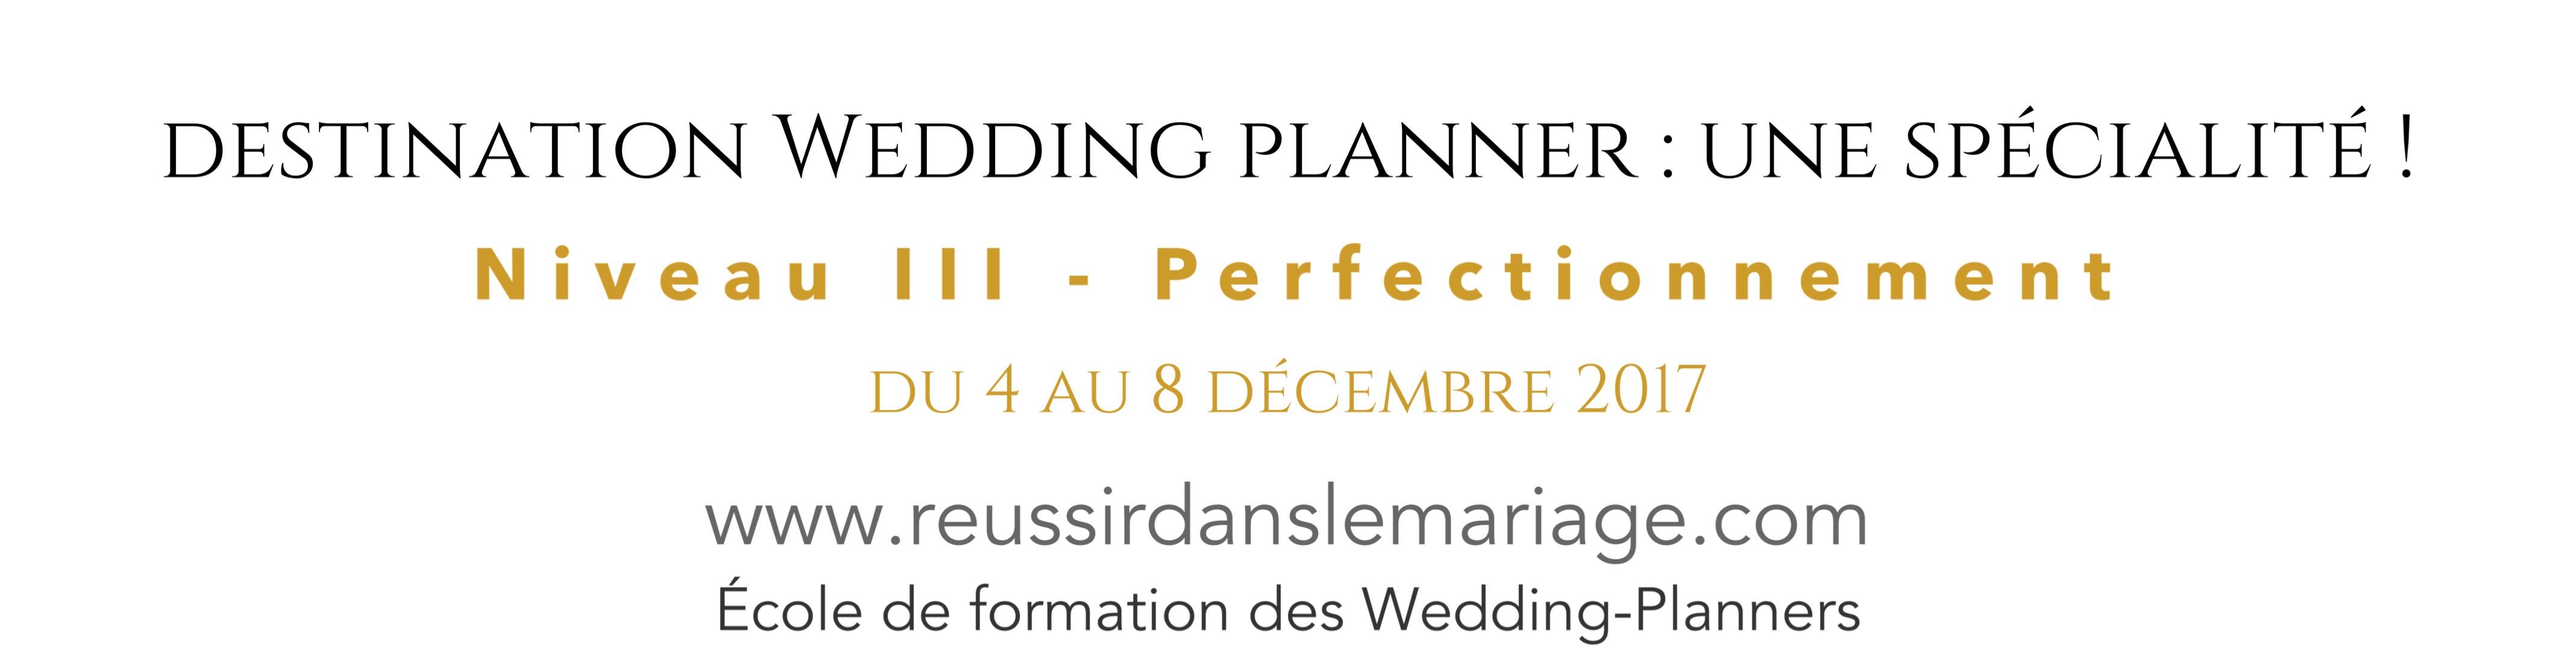 formation destination wedding-planner